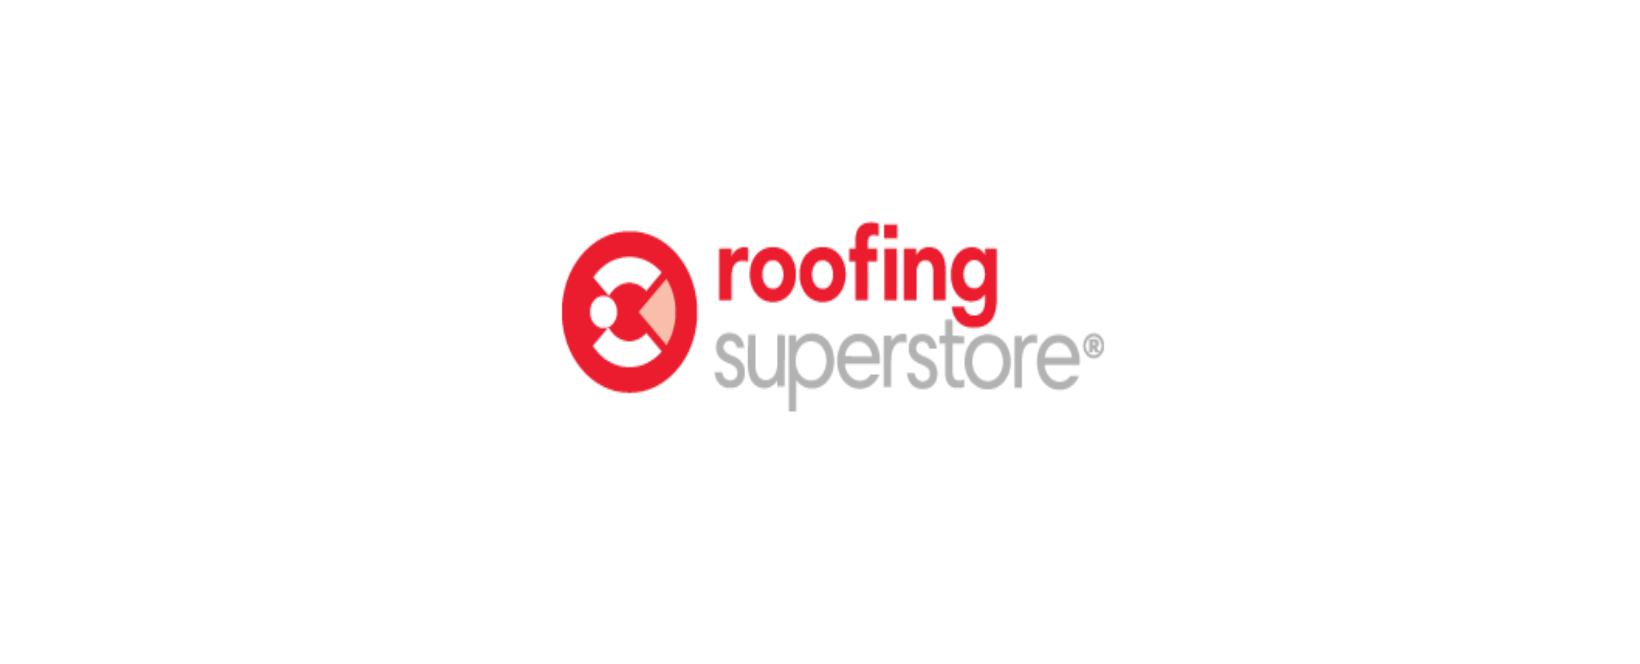 Roofing Superstore UK Discount Code